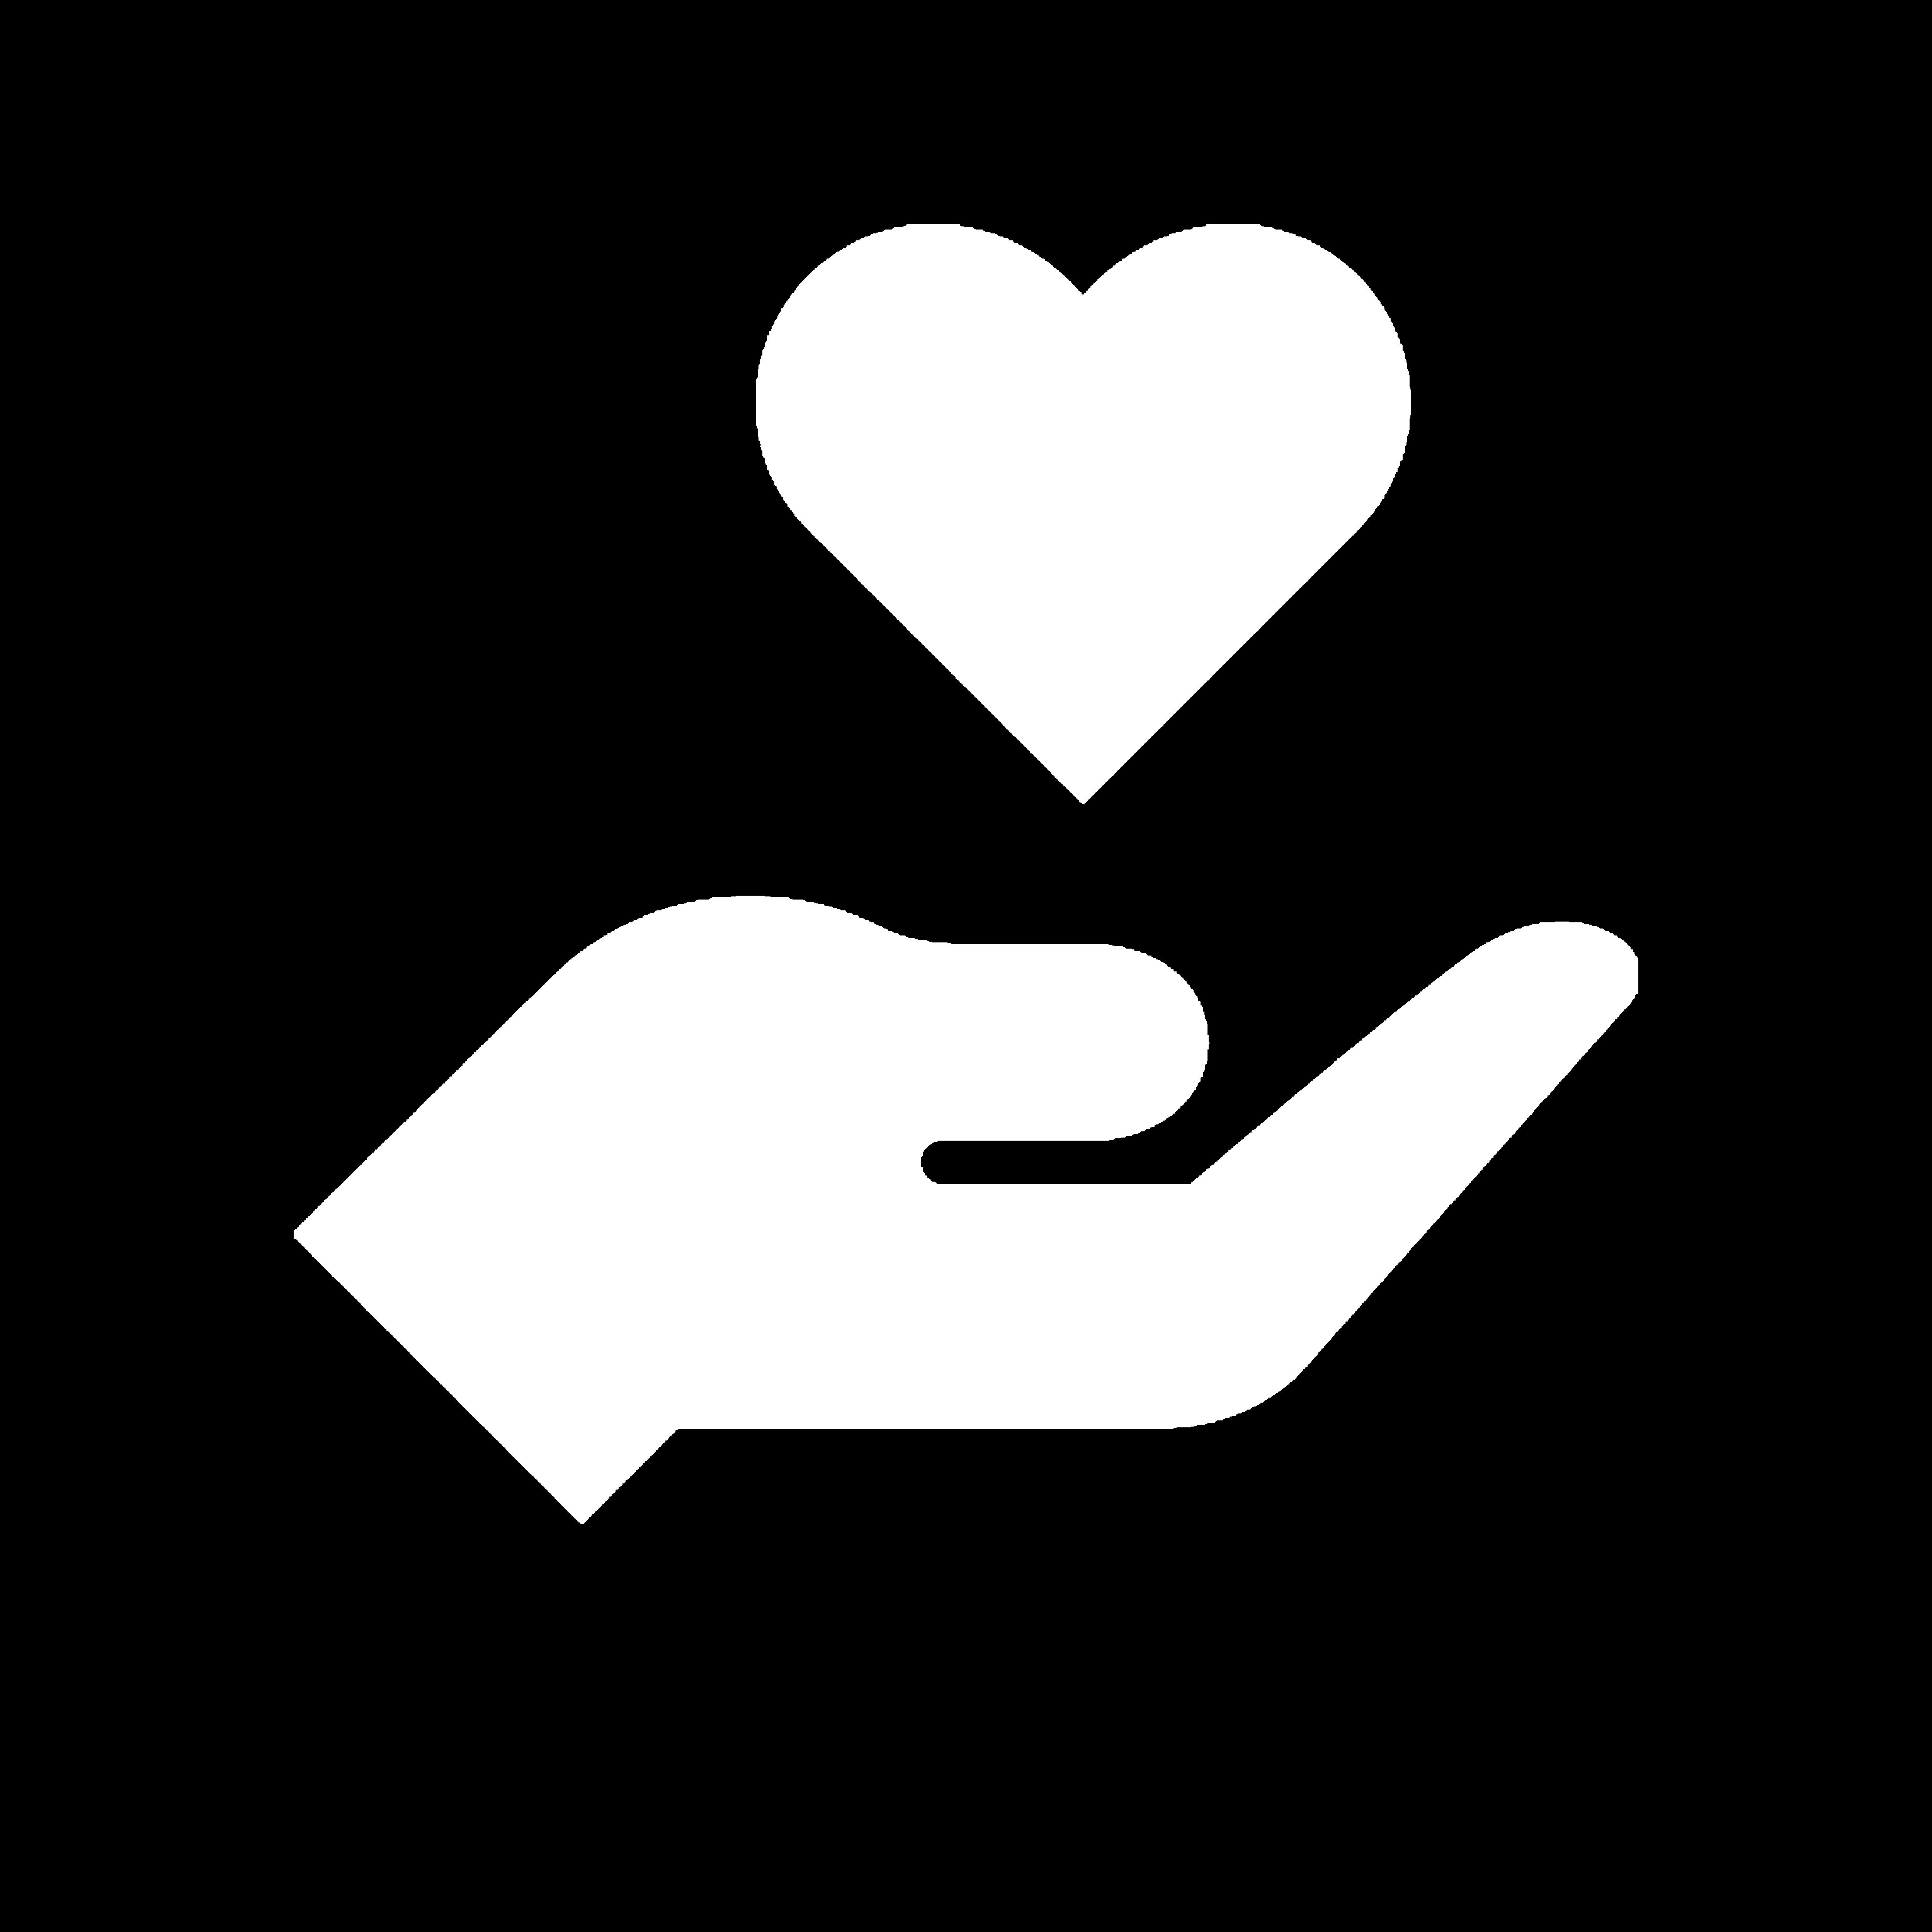 preventive medicine icon for gp family medicine